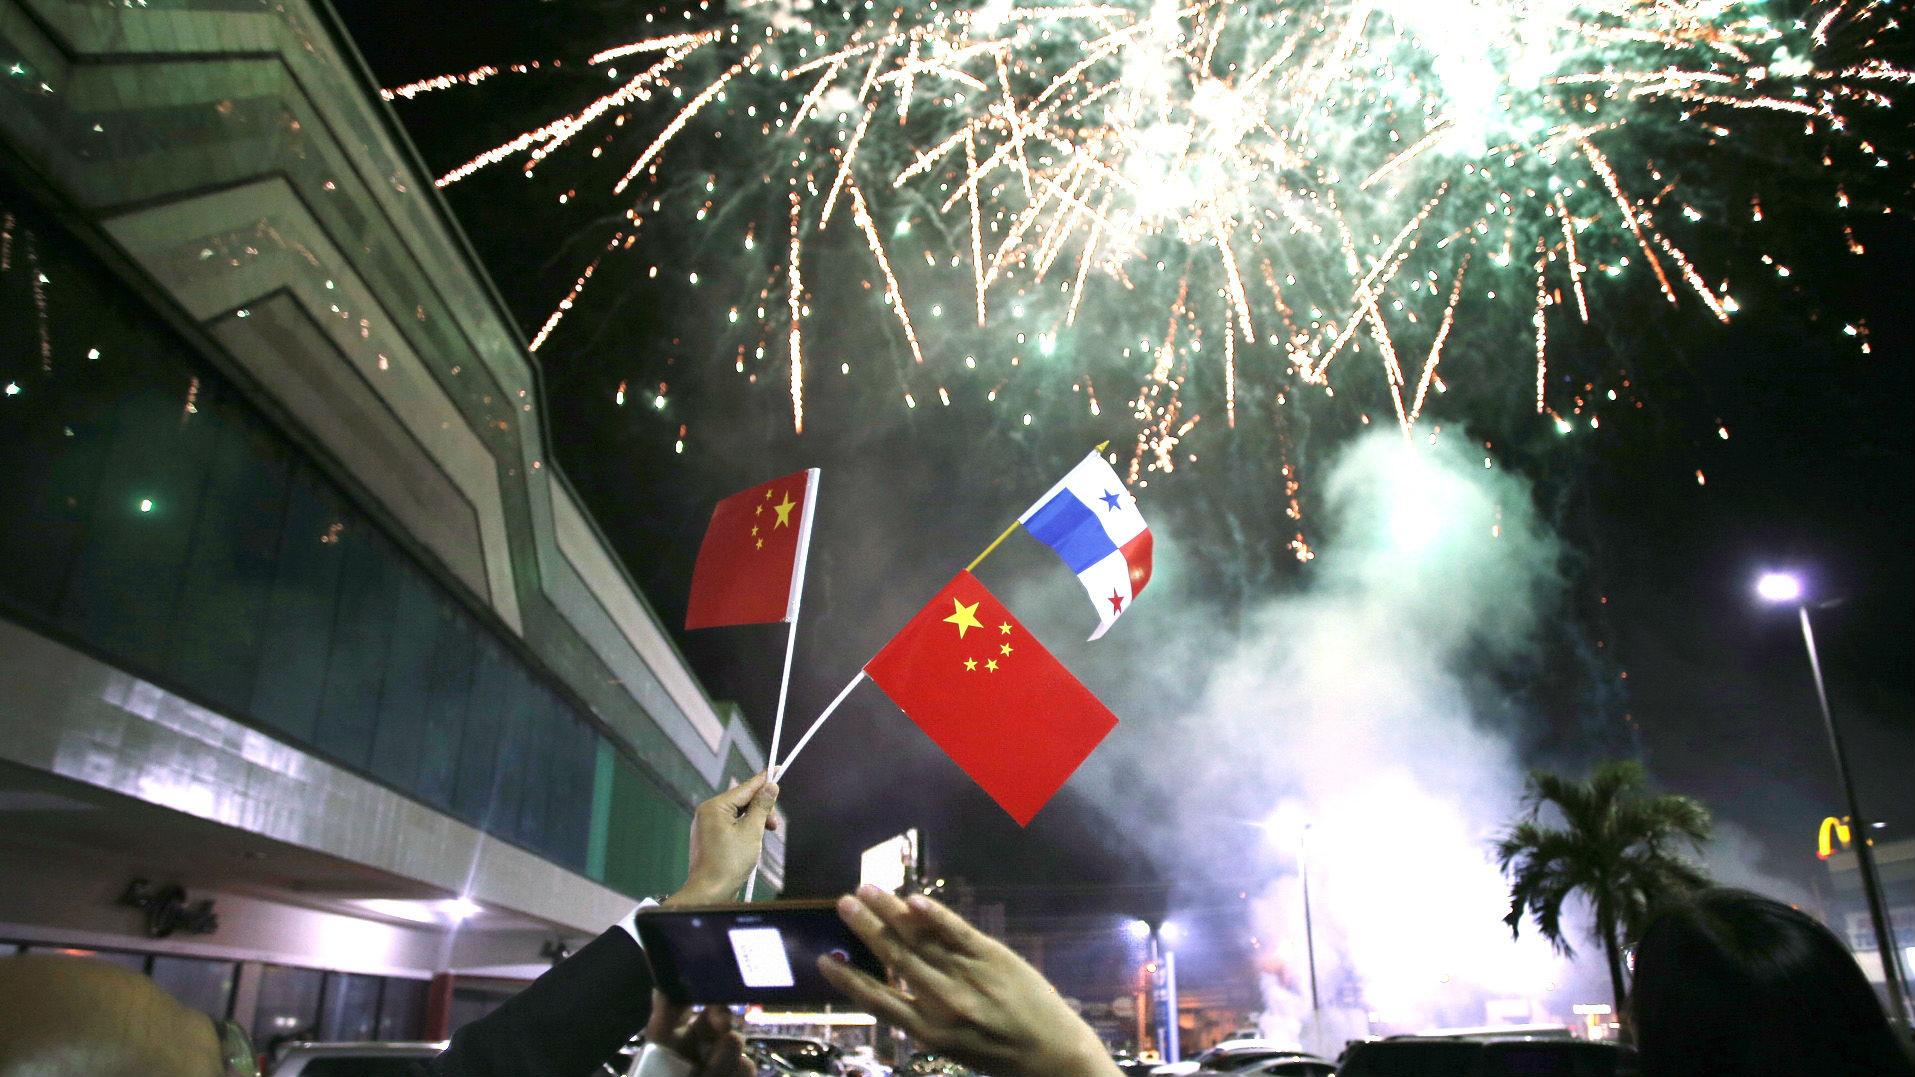 英媒:巴拿马与中国展开自贸谈判 欲成为区域产品与投资入口